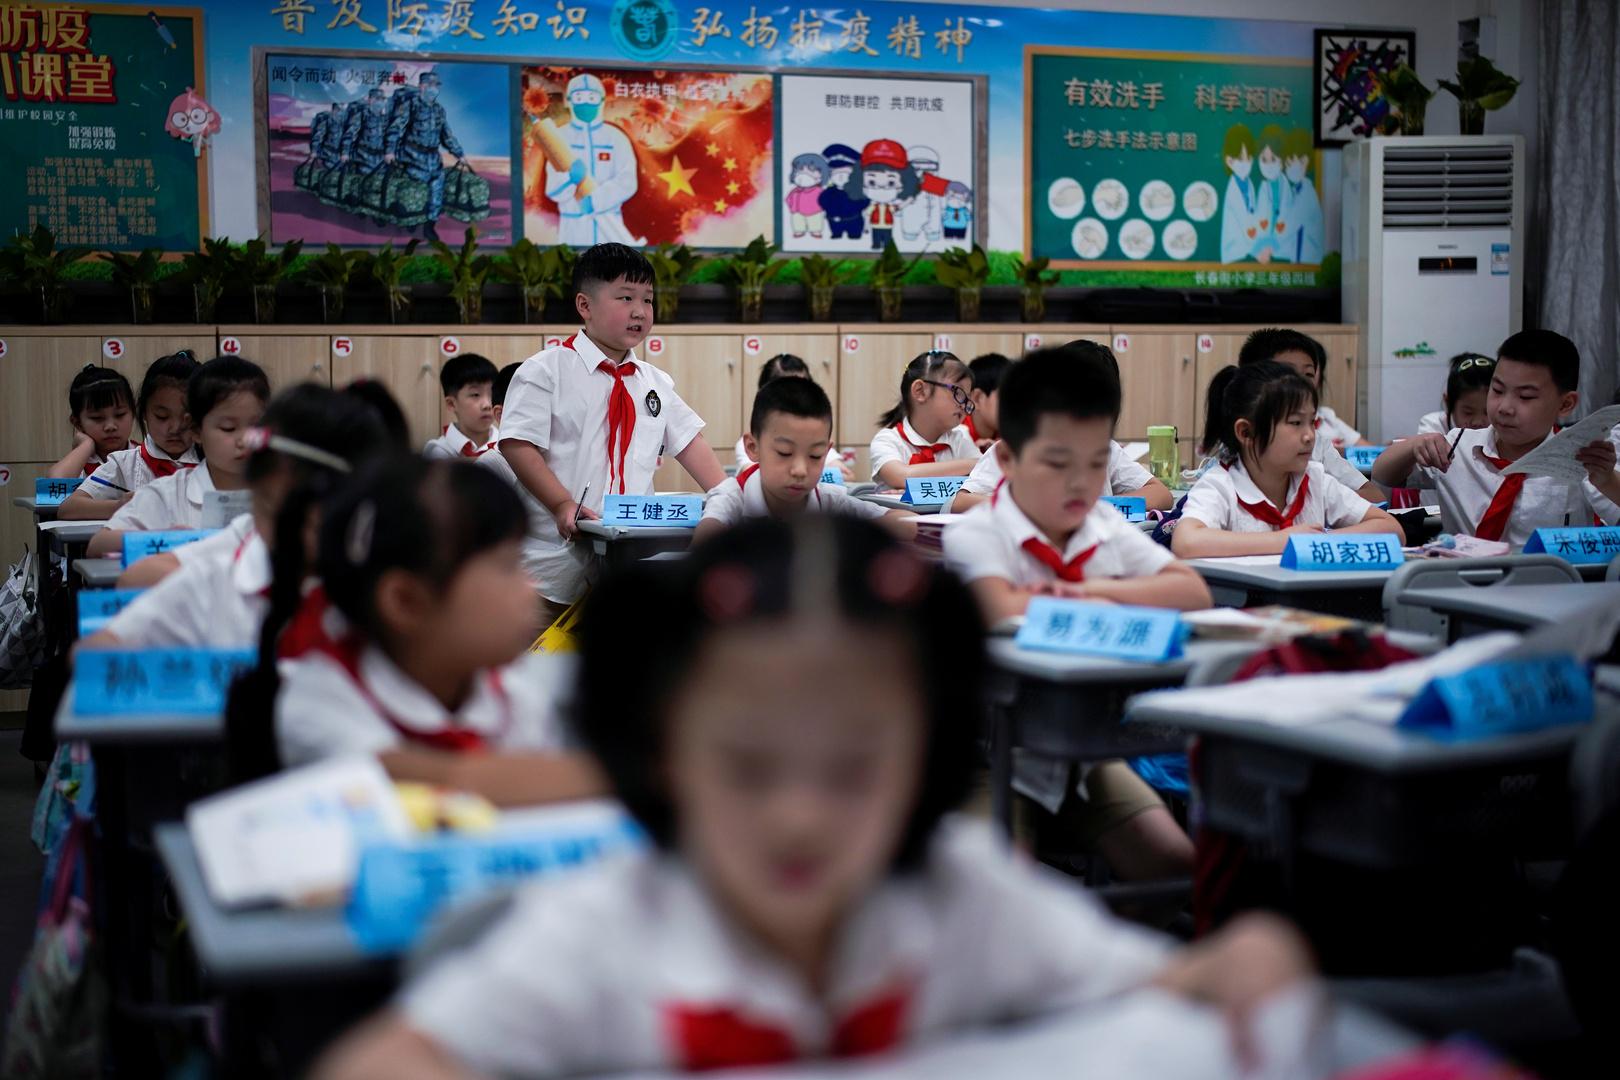 معلم رياضيات في الصين يعاقب تلميذته حتى الموت